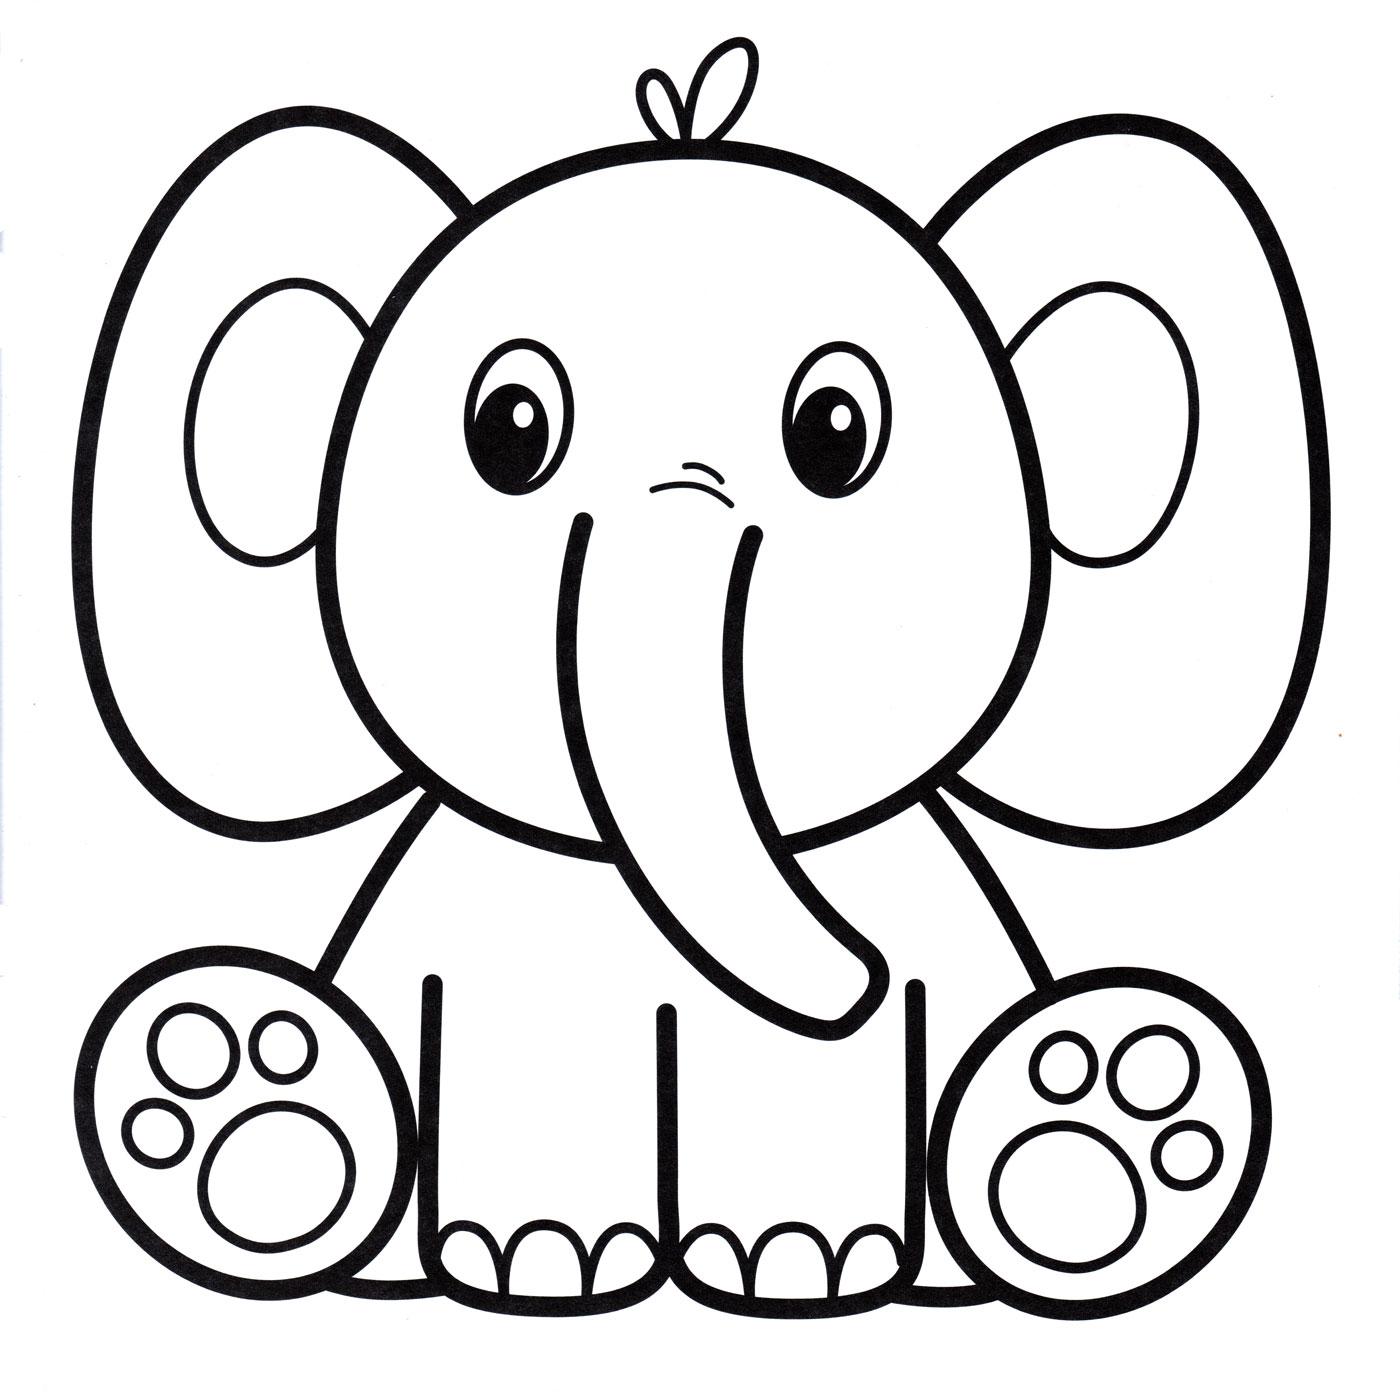 картинка слоника для раскрашивания шерты национальные немецкие